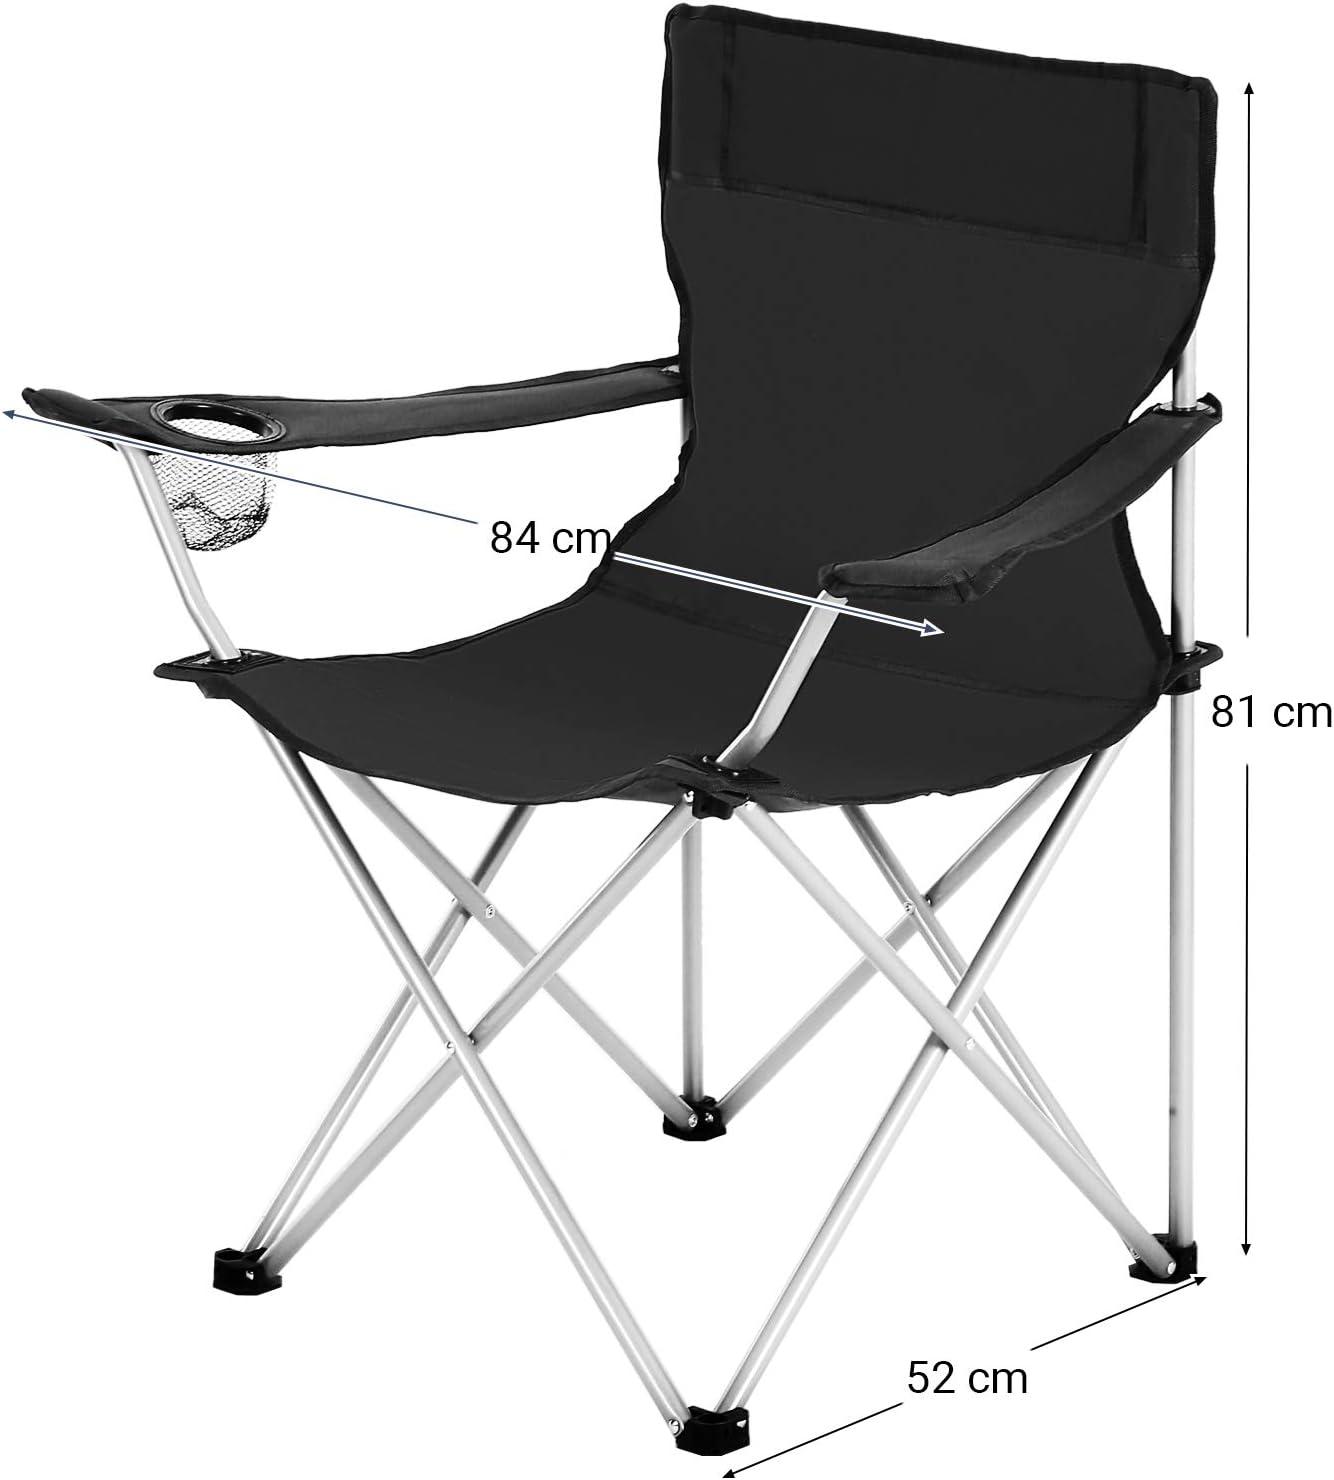 SONGMICS Juego de 2 Sillas de Camping Plegables Sillas para Exteriores con Reposabrazos y Portavasos Capacidad de Carga M/áx Estructura Estable Negro GCB01BK 120 kg